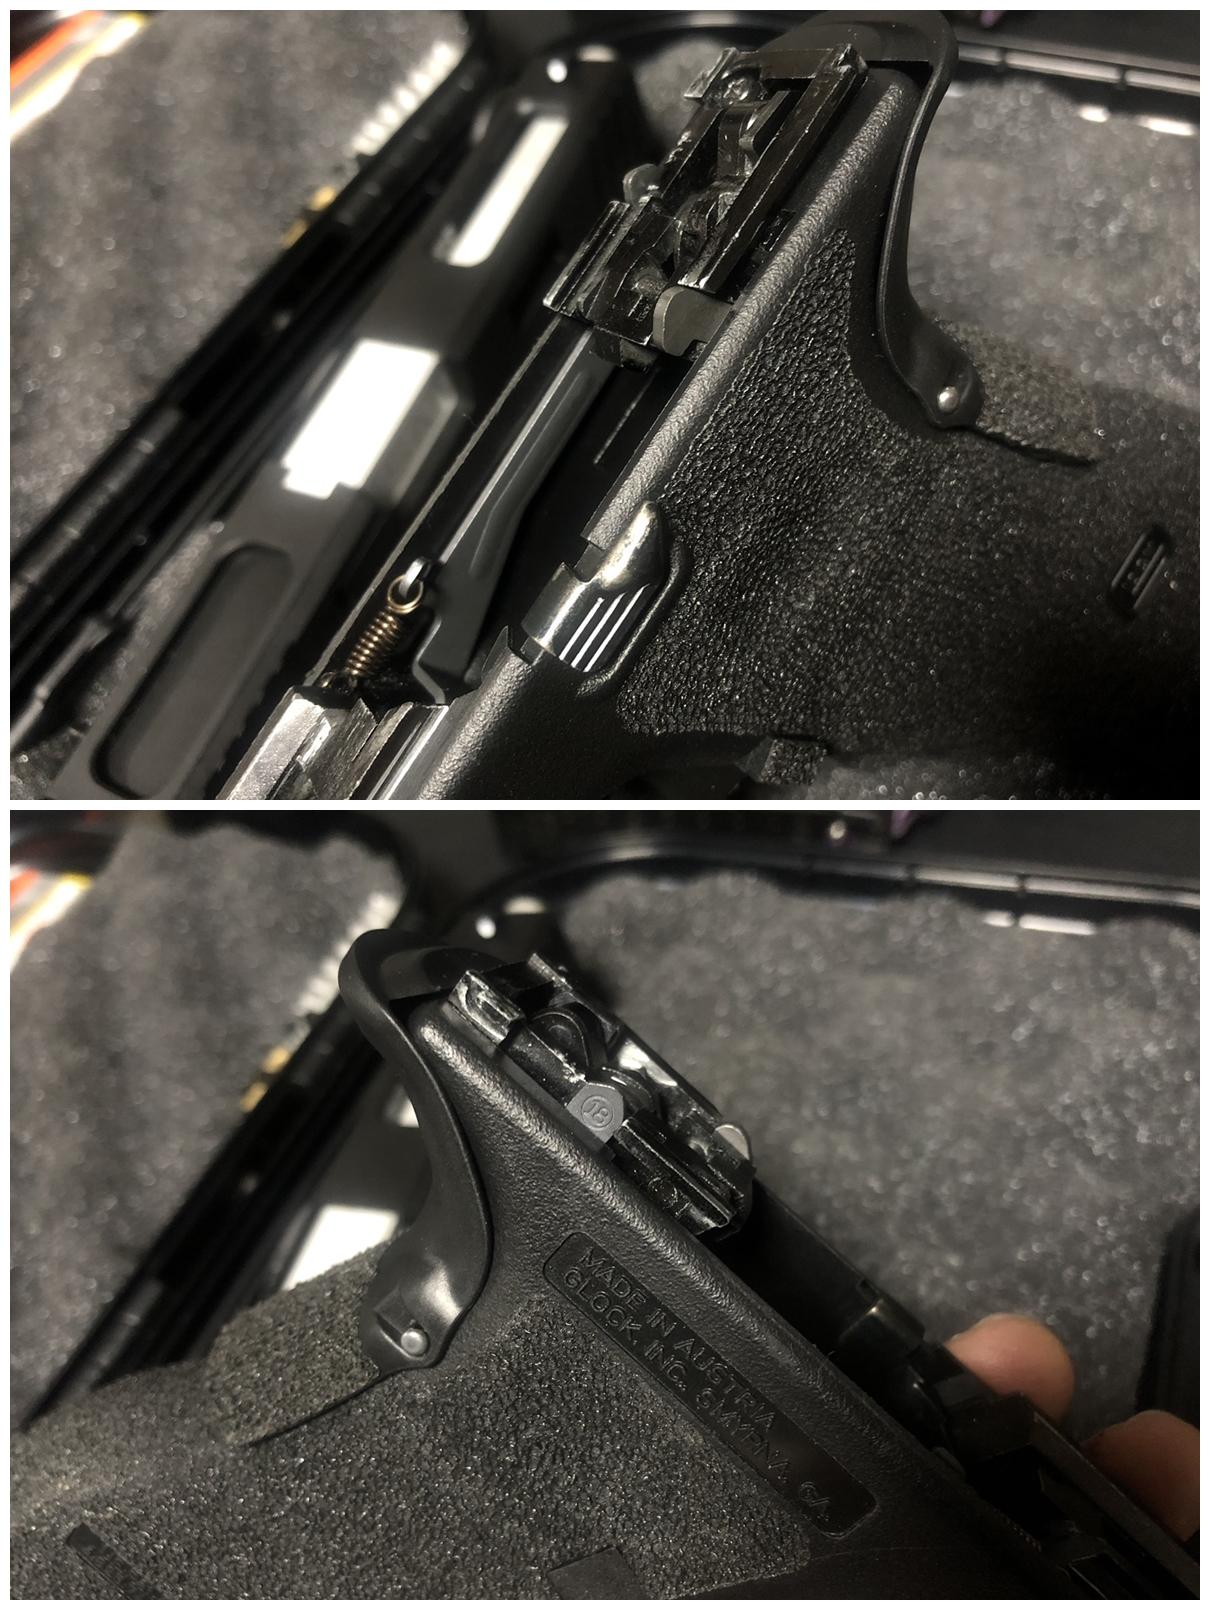 14 GLOCK 18C GBB スライドの動作不良を修理するぞ! GUARDER スチール トリガーバー & ガーダー スチール ノッカーロック 購入 分解 取付 修理 加工